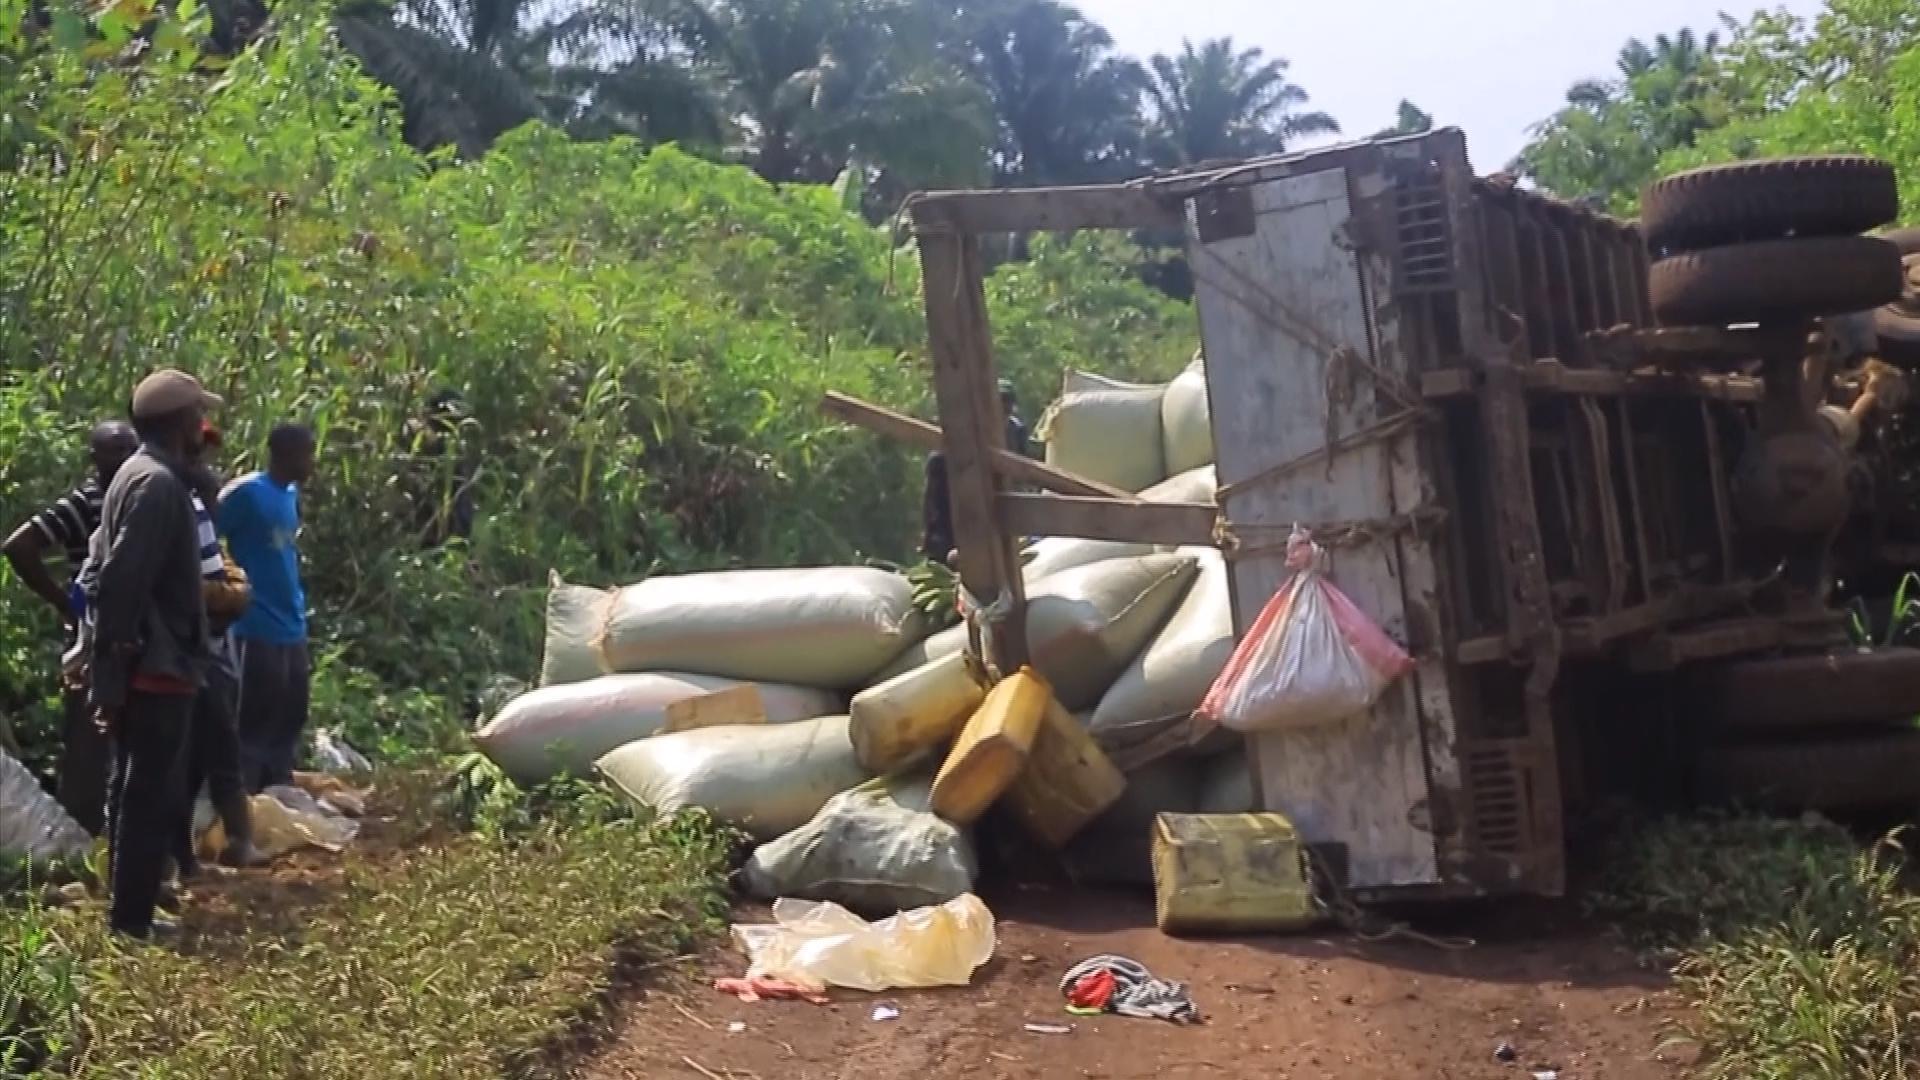 Beni Congo Ambush